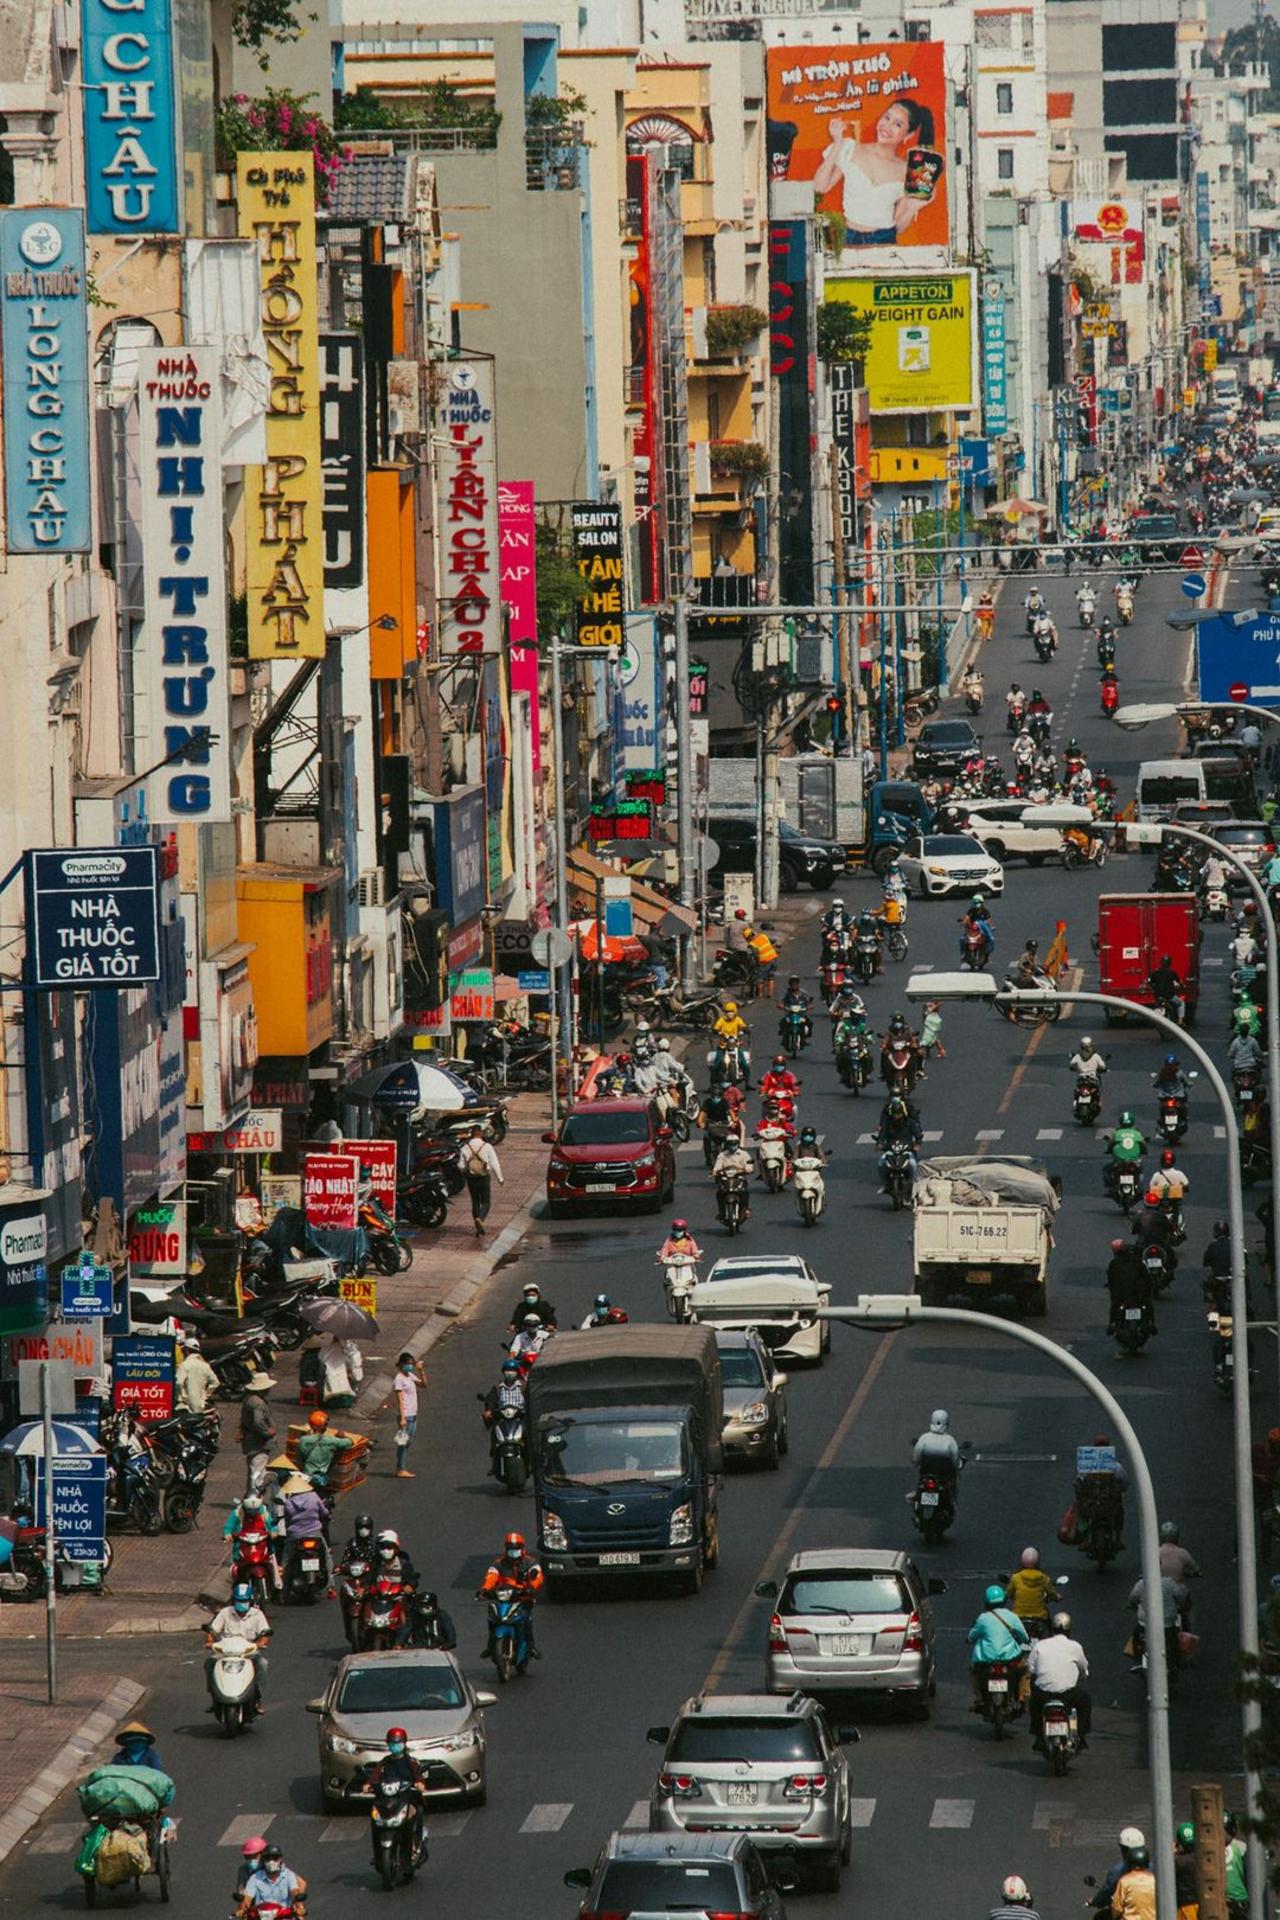 Đường Hai Bà Trưng, Quận 3, Thành phố Hồ Chí Minh. Ảnh: nvthuongg